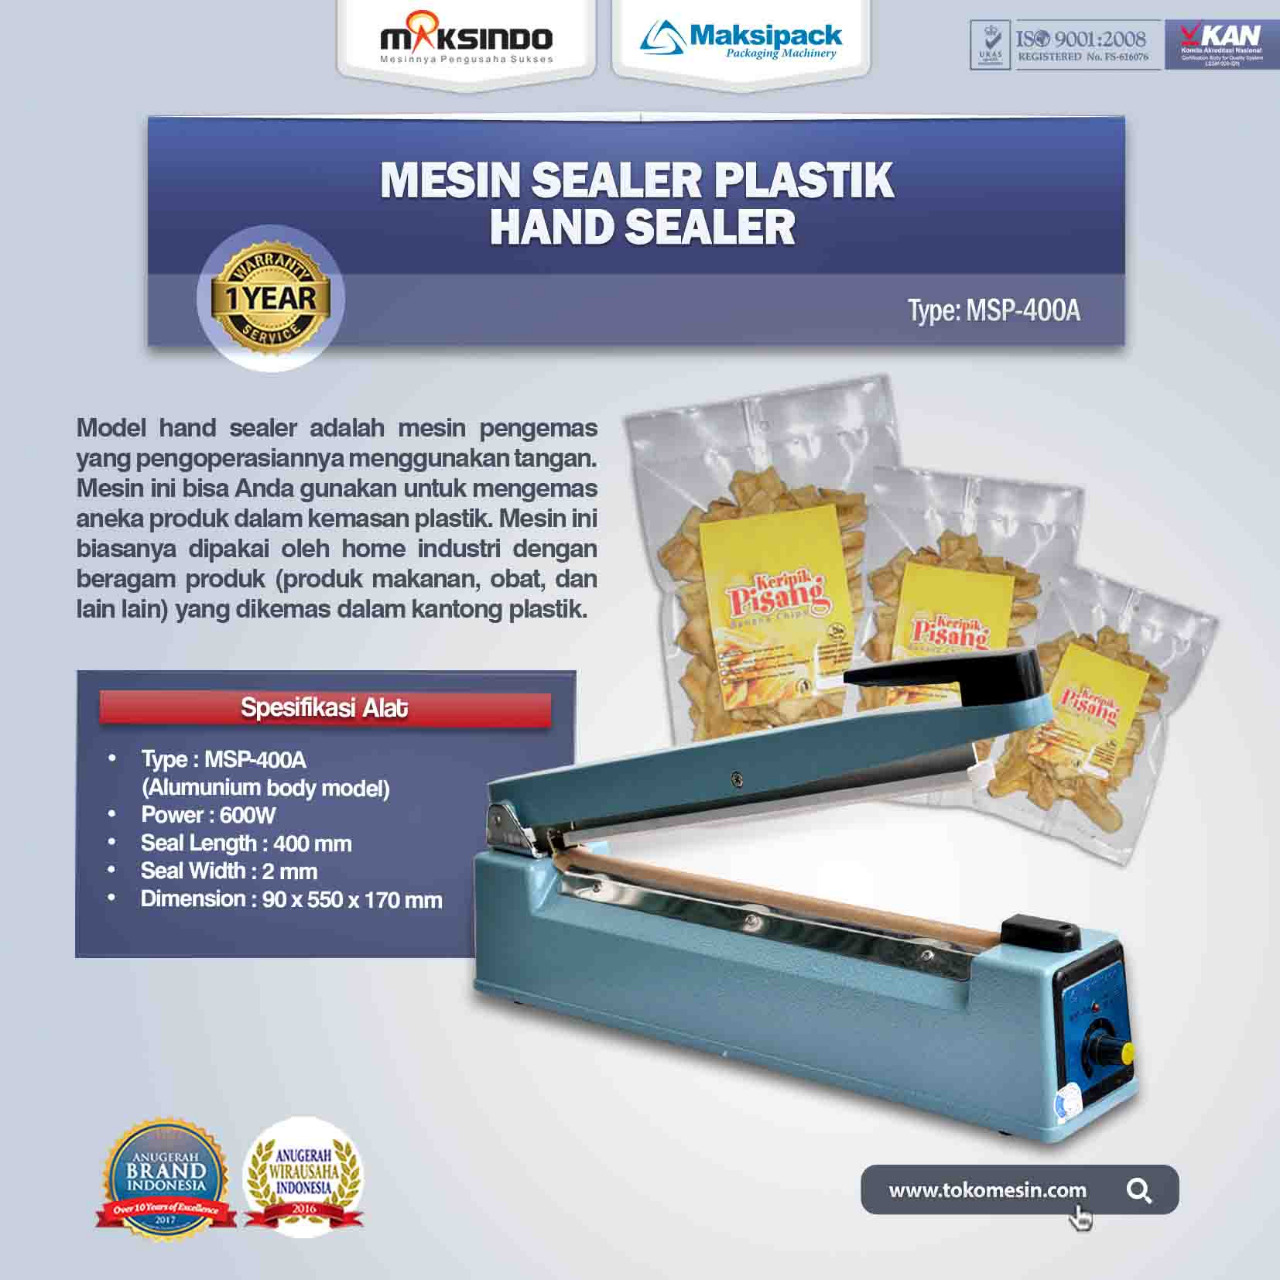 Jual Mesin Sealer Plastik Hand Sealer (MSP-400A) Di Bekasi